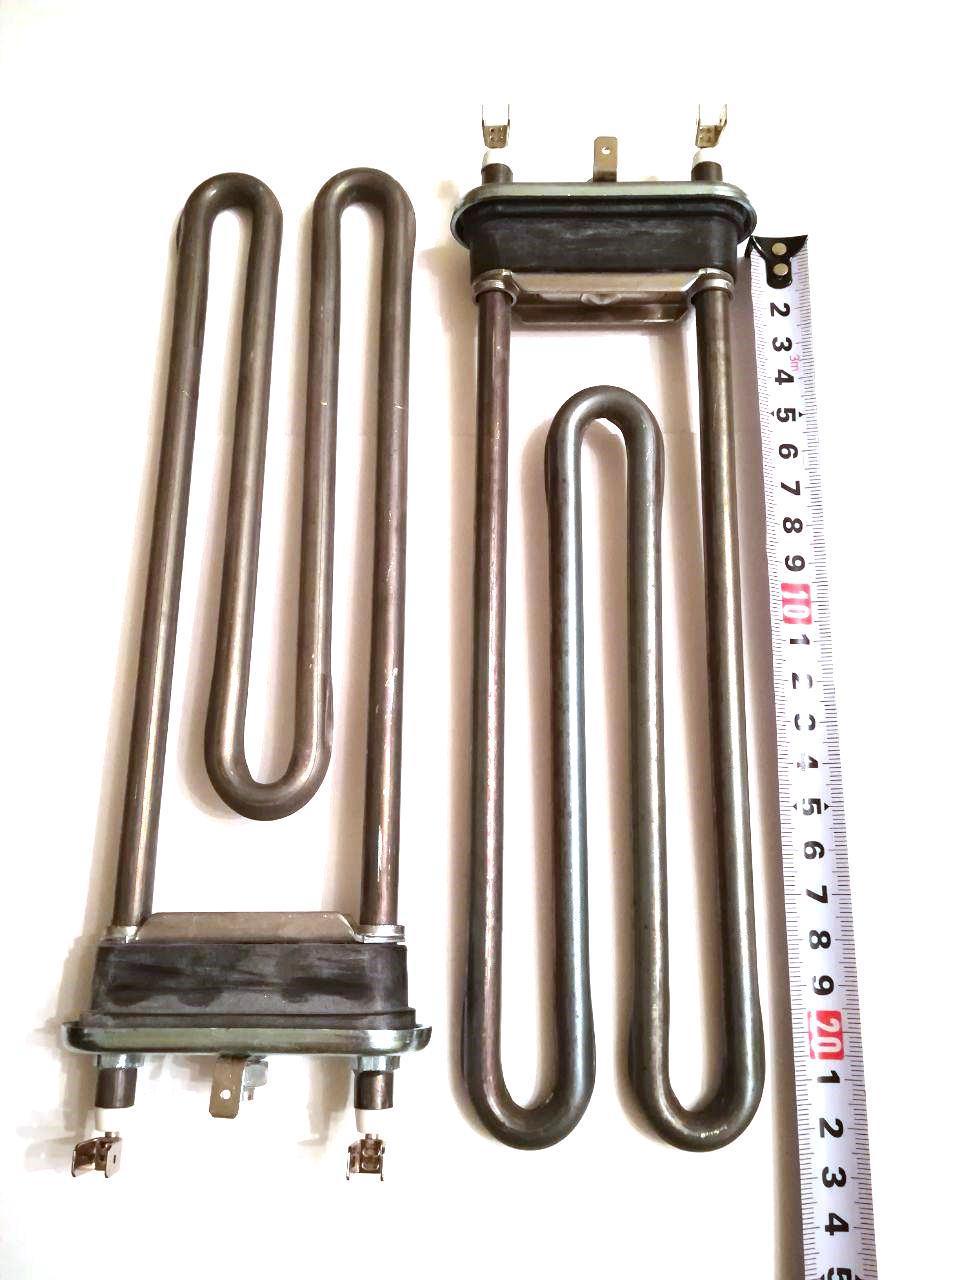 Тэн на стиральную машину 1950W / L=230мм (без отверстия под датчик)  / Thermowatt (Италия)